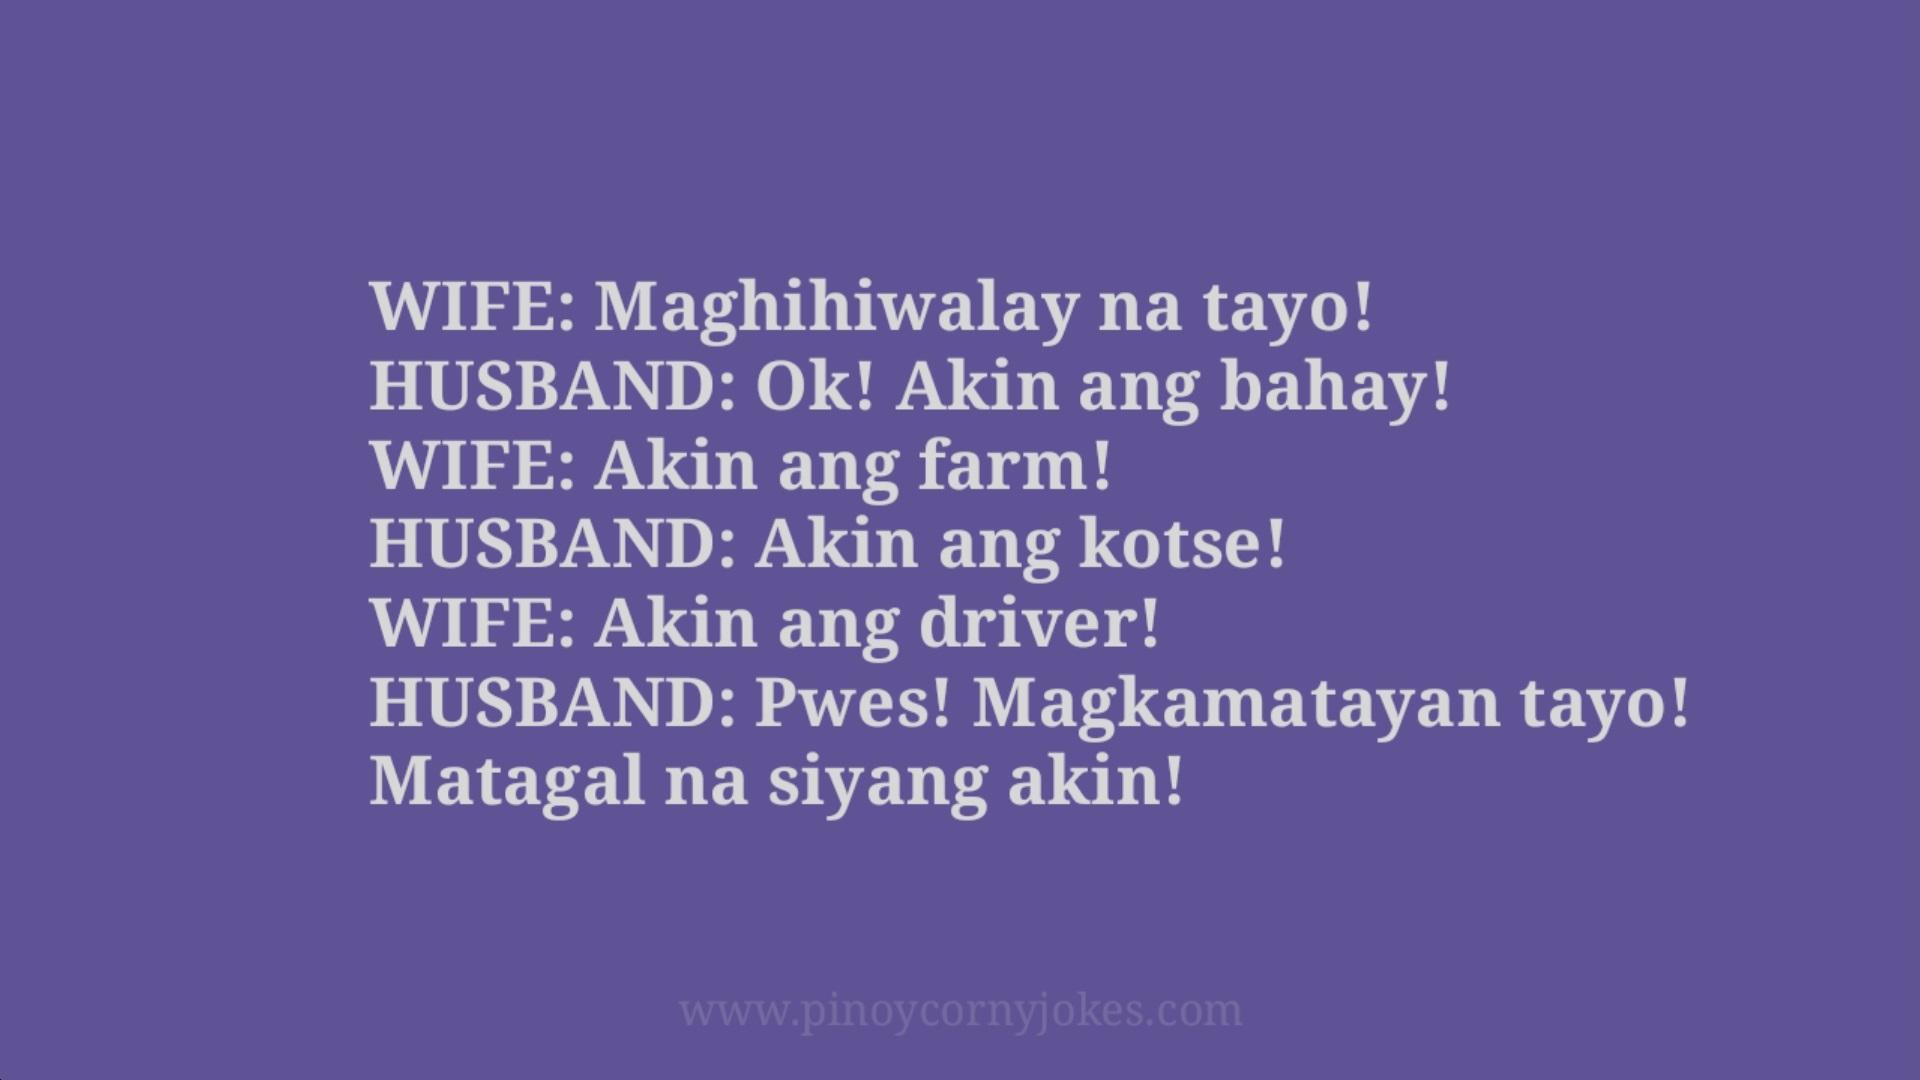 maghiwalay pinoy jokes 2021